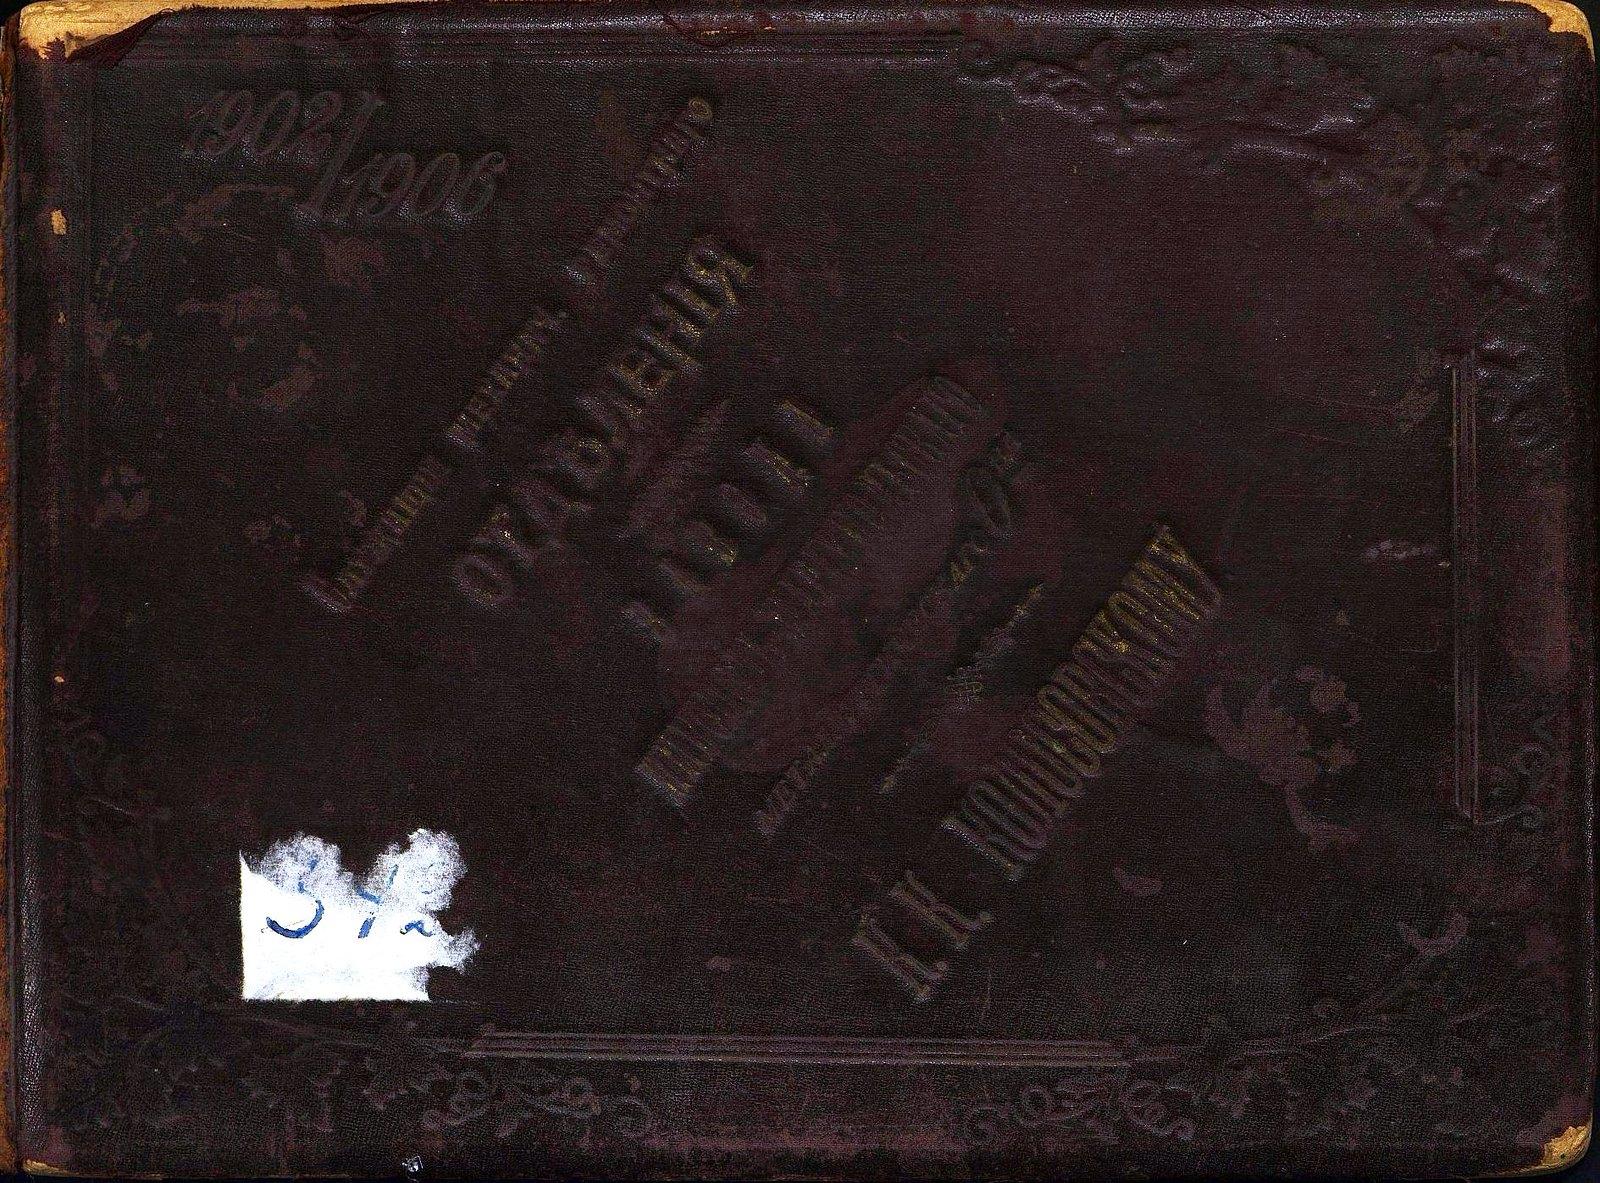 12. Альбом «Служащие механического ремонтного отделения завода Никополь-Мариупольского металлургического общества»